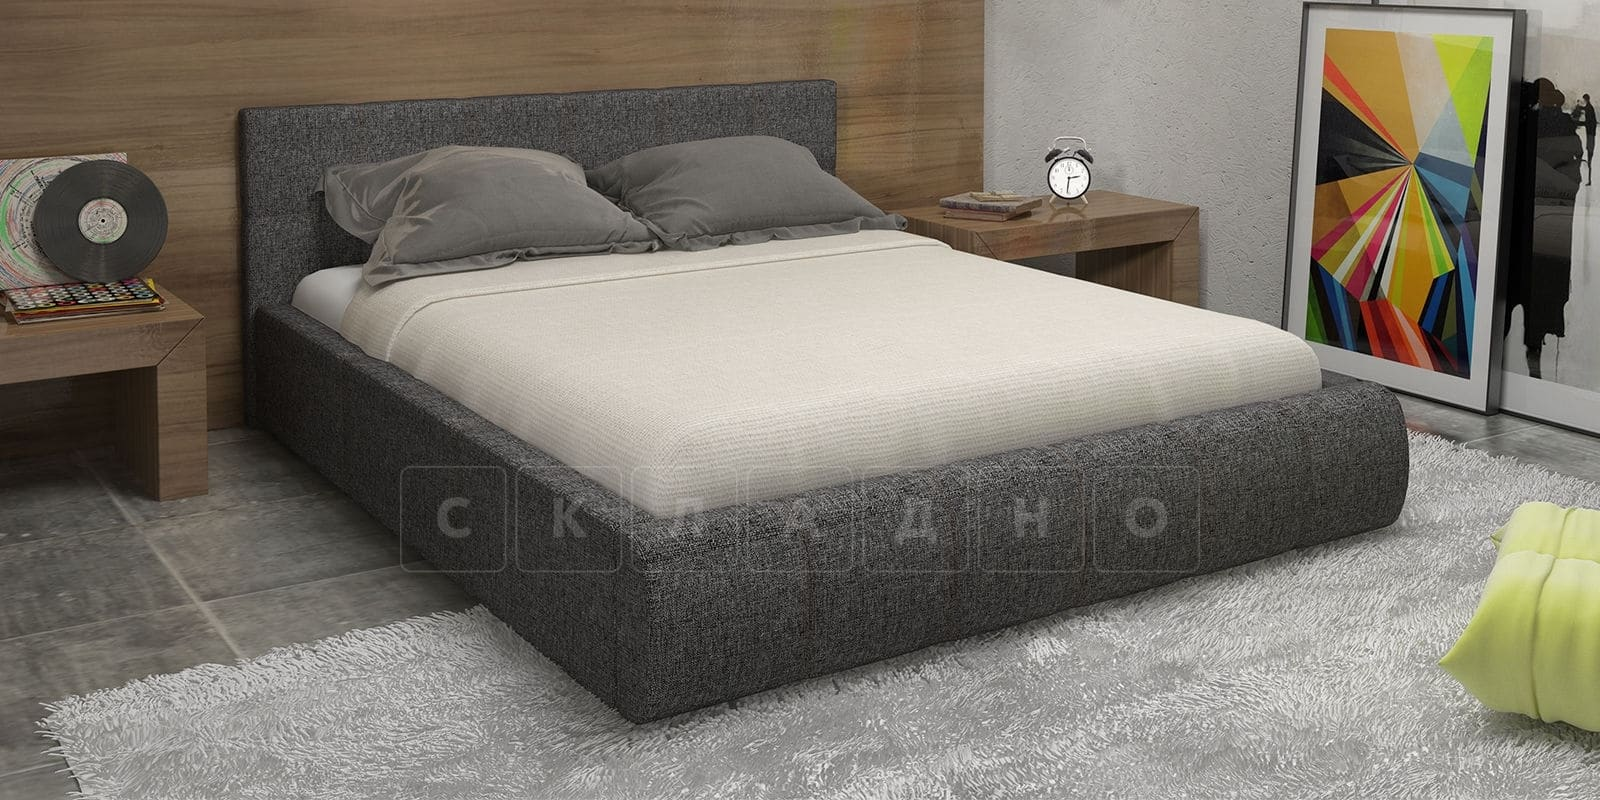 Мягкая кровать Афина 160см рогожка серого цвета фото 1 | интернет-магазин Складно